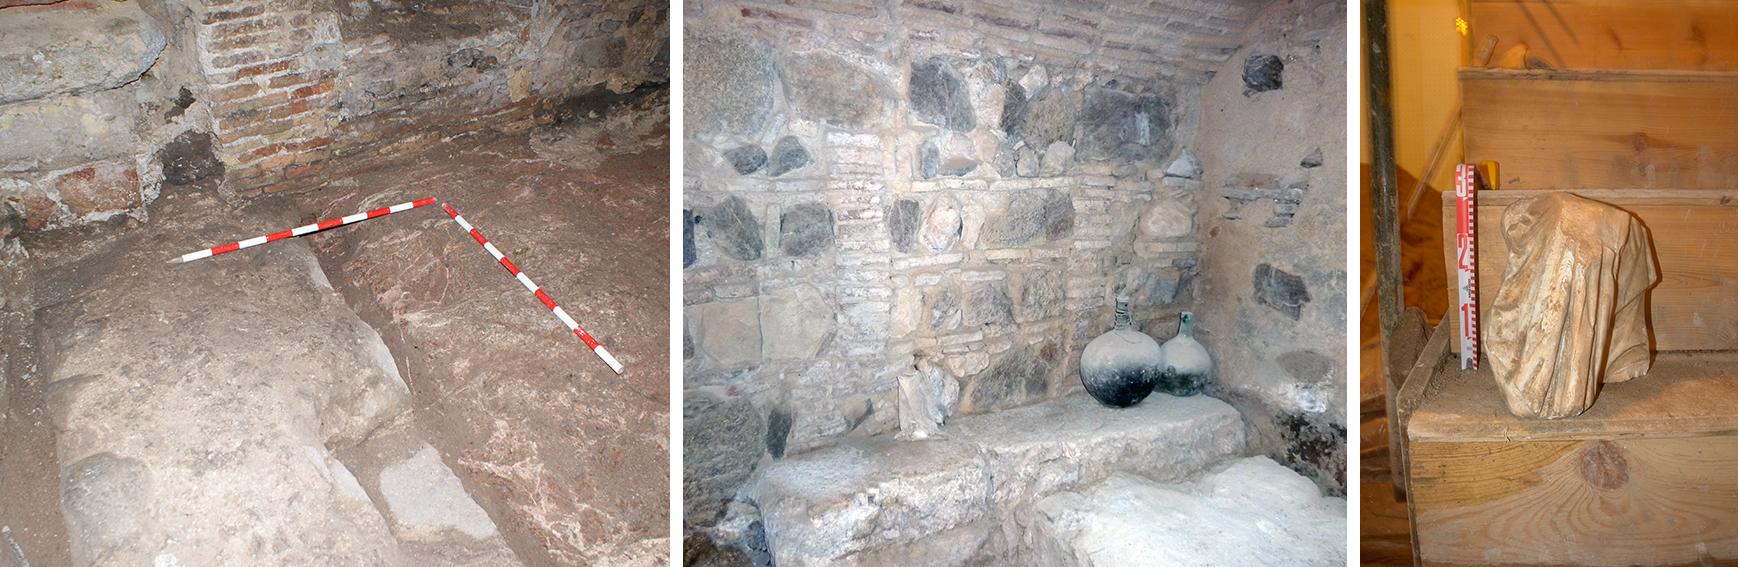 Estructura muraria romana en el edificio de la Calle de la Plata nº 17, en Toledo. Fotografías: Novas Arqueología, S.L.